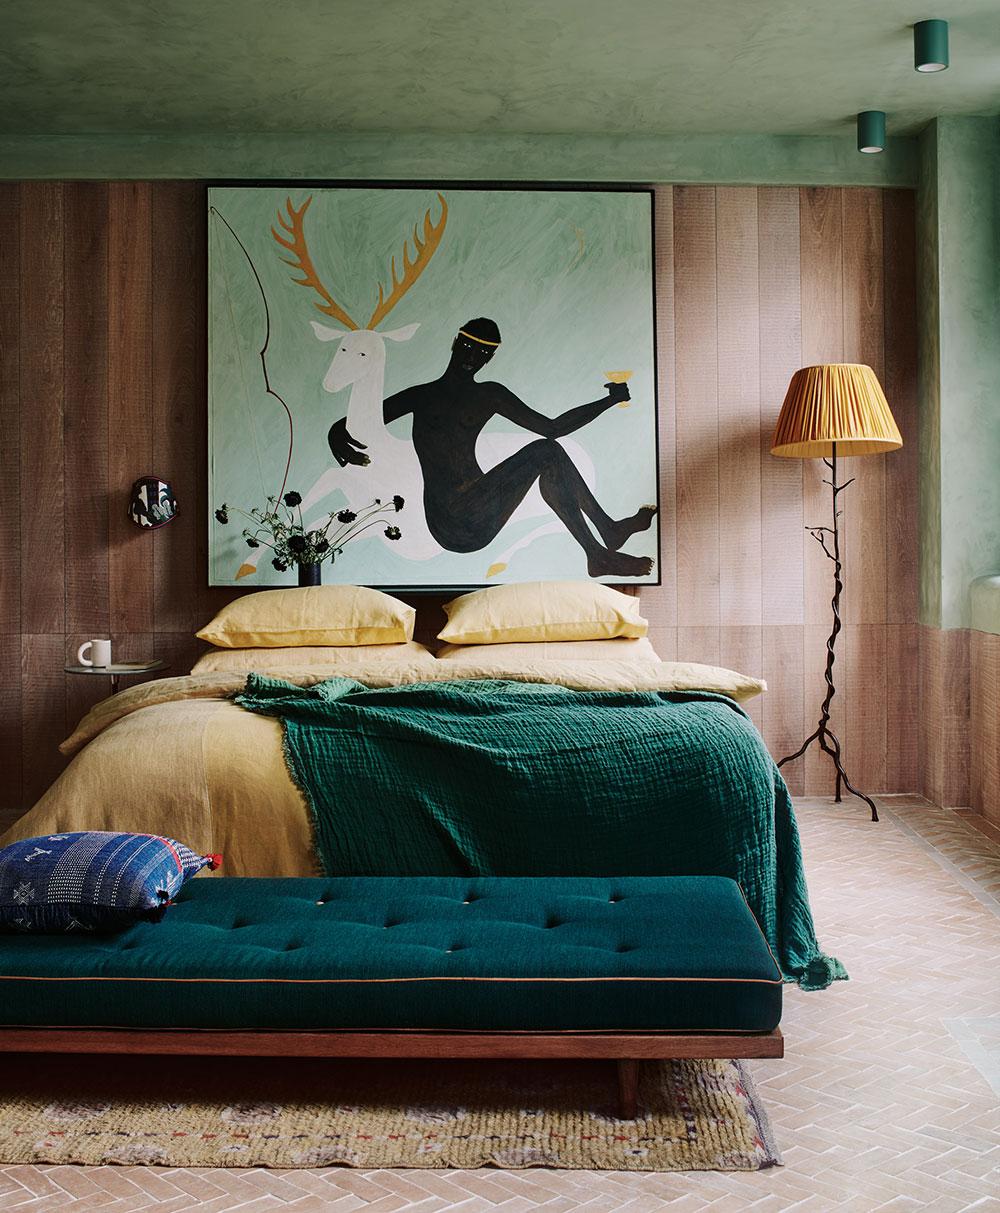 Интерьерная фотография как искусство: работы Michael Sinclair